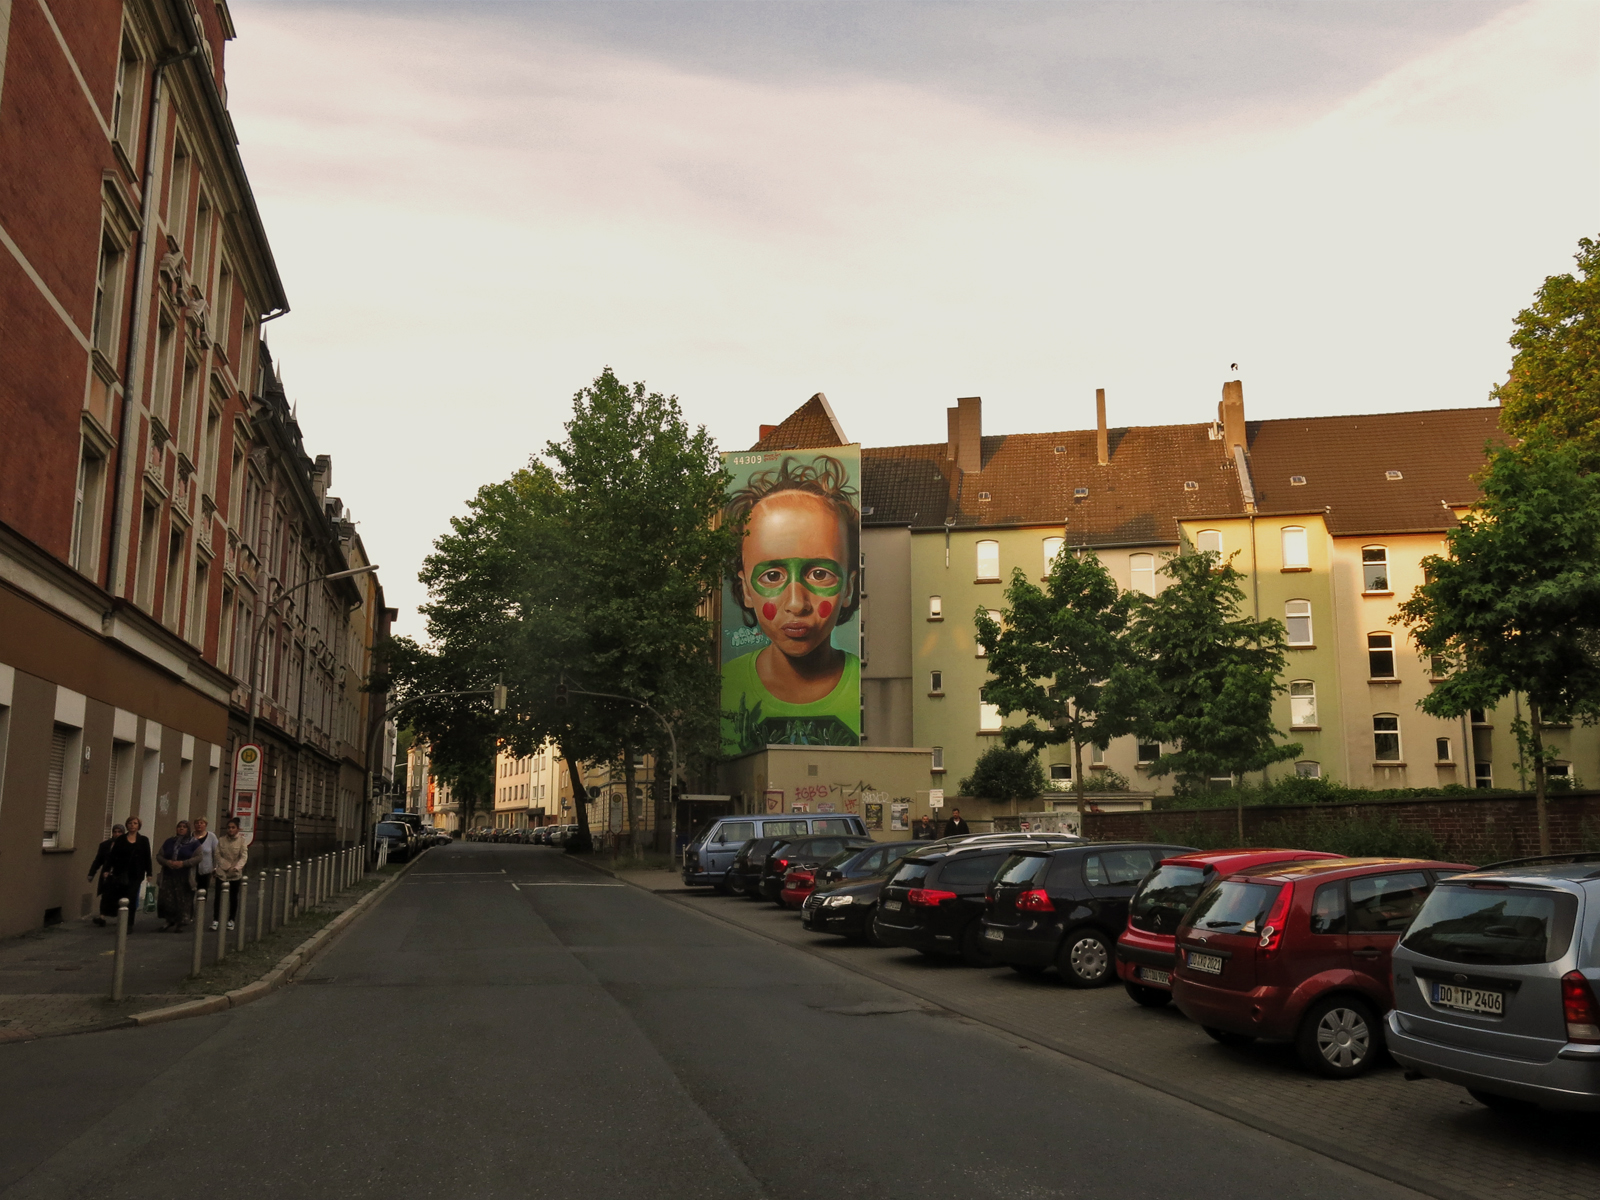 Belin, Super Bruno in Dortmund (Germany)